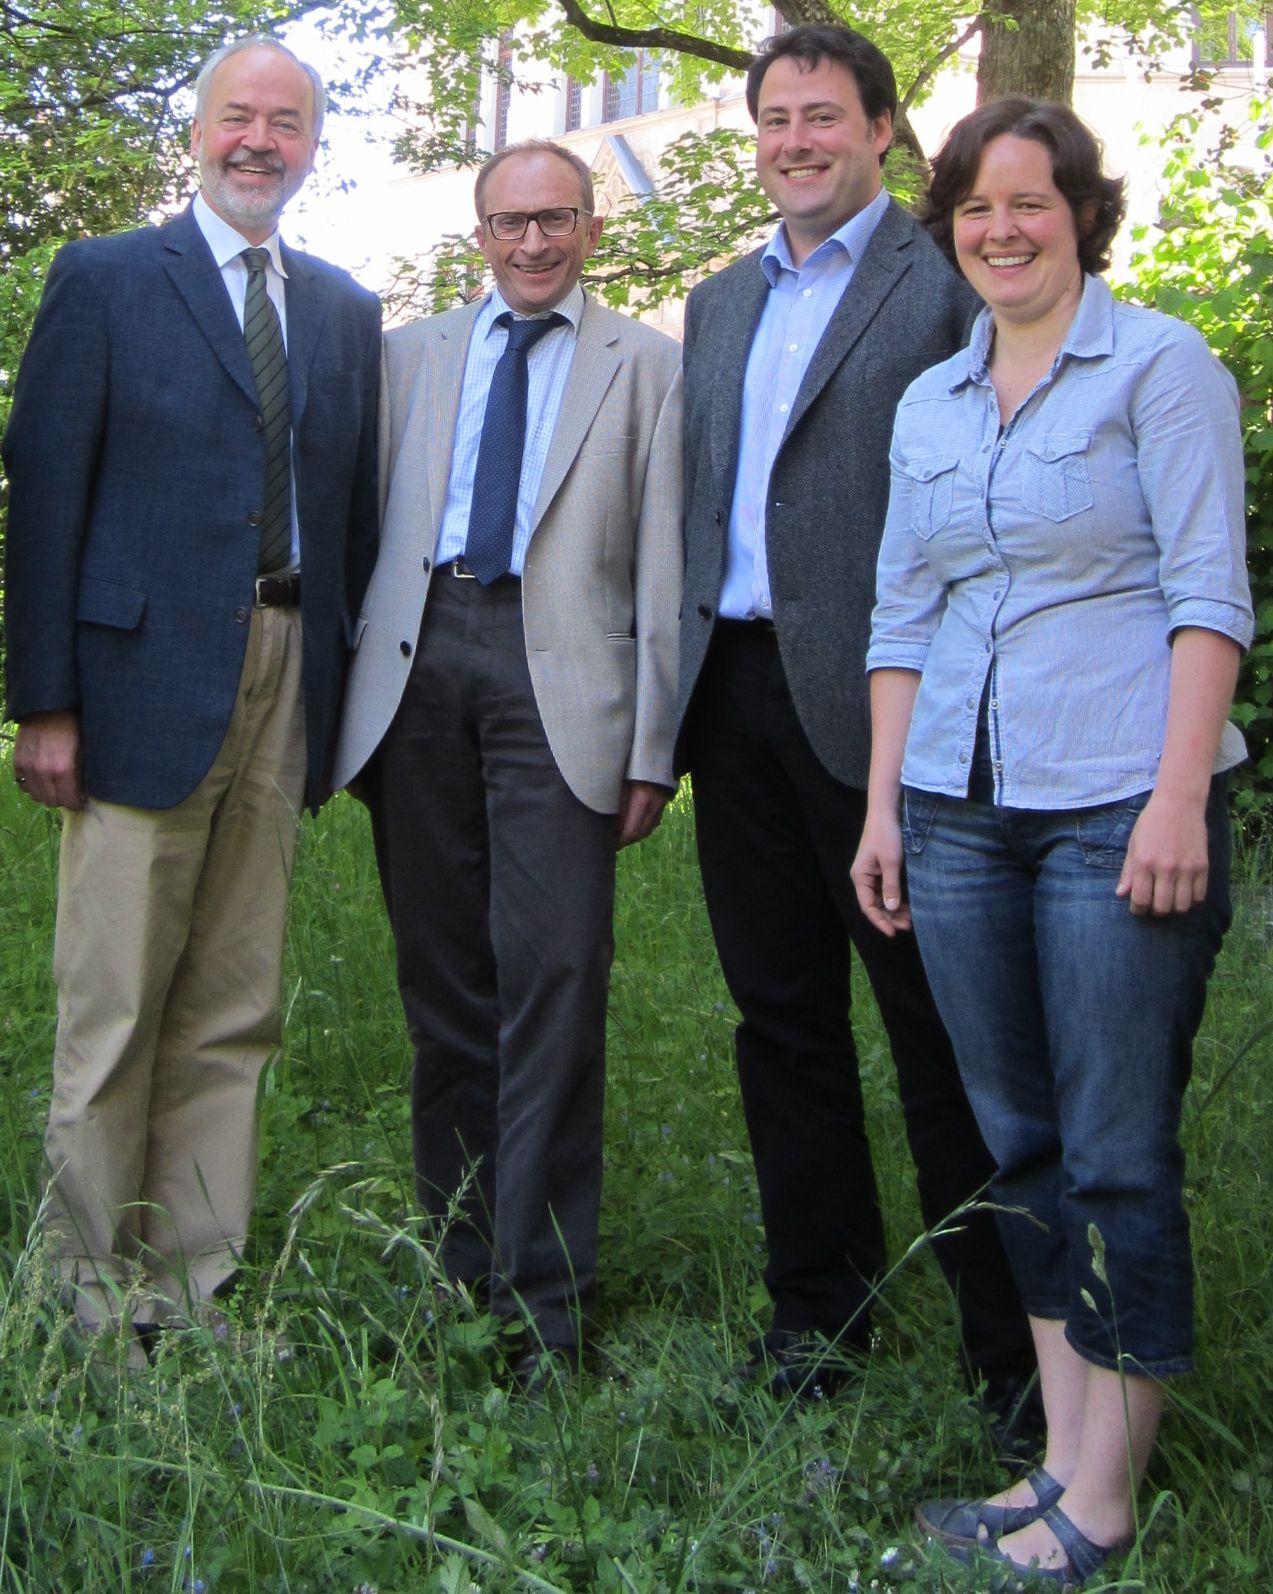 Landrat Thomas Reumann, Dietmar Bez, Bastian M. Rochner (LEV), Tanja Mader (LEV), Bild: Landratsamt Reutlingen